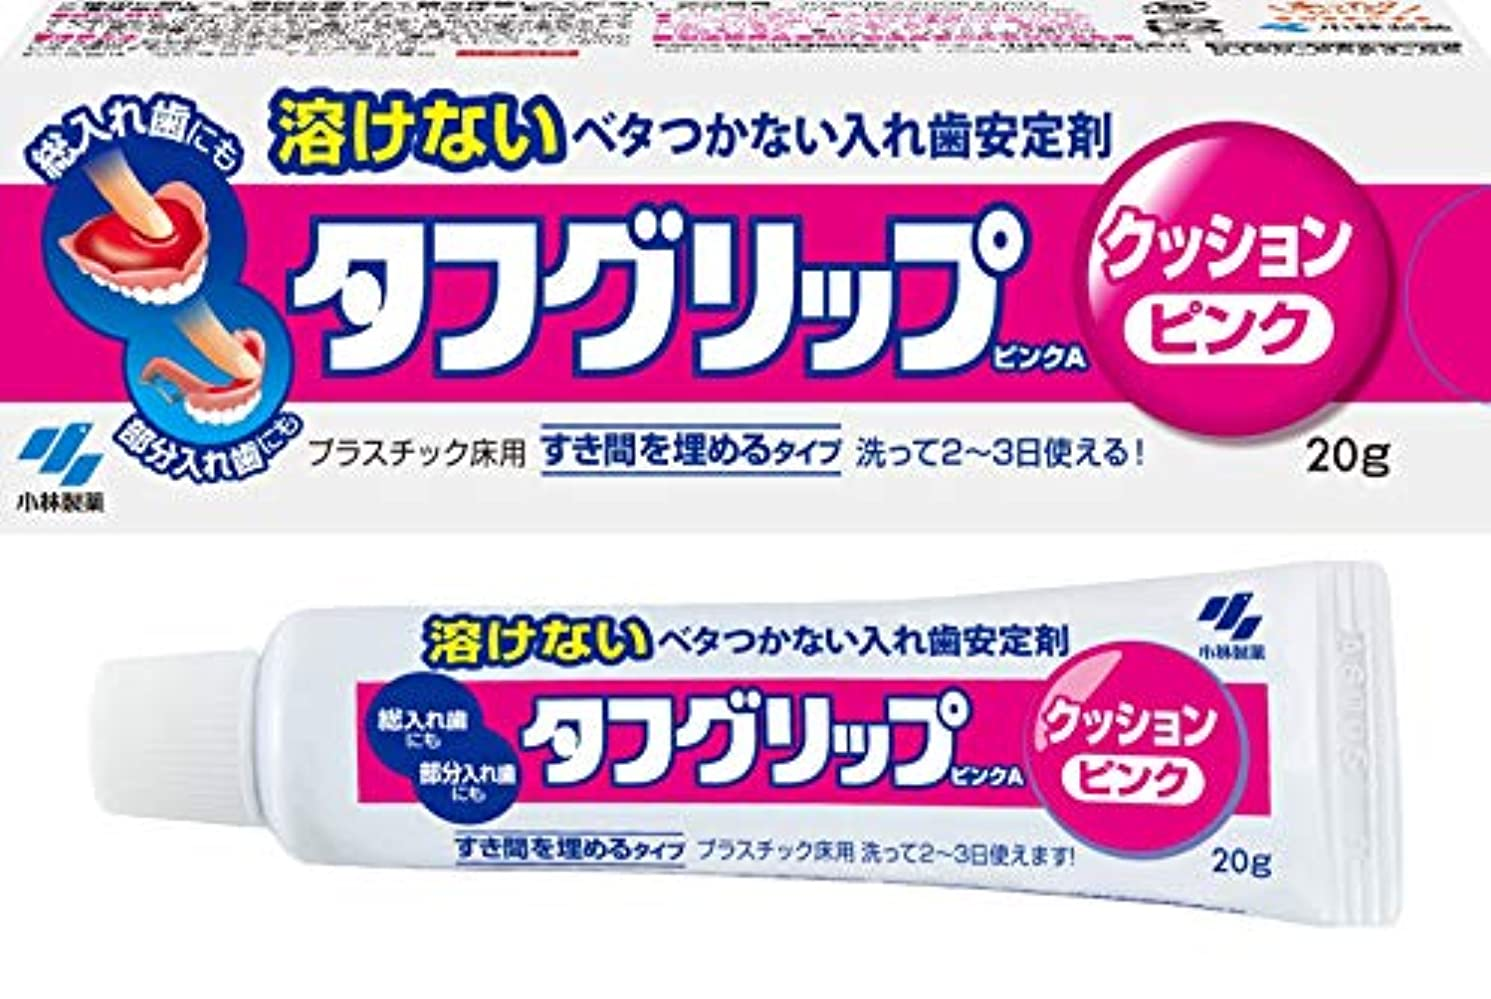 タフグリップクッション ピンク 入れ歯安定剤(総入れ歯?部分入れ歯) 20g